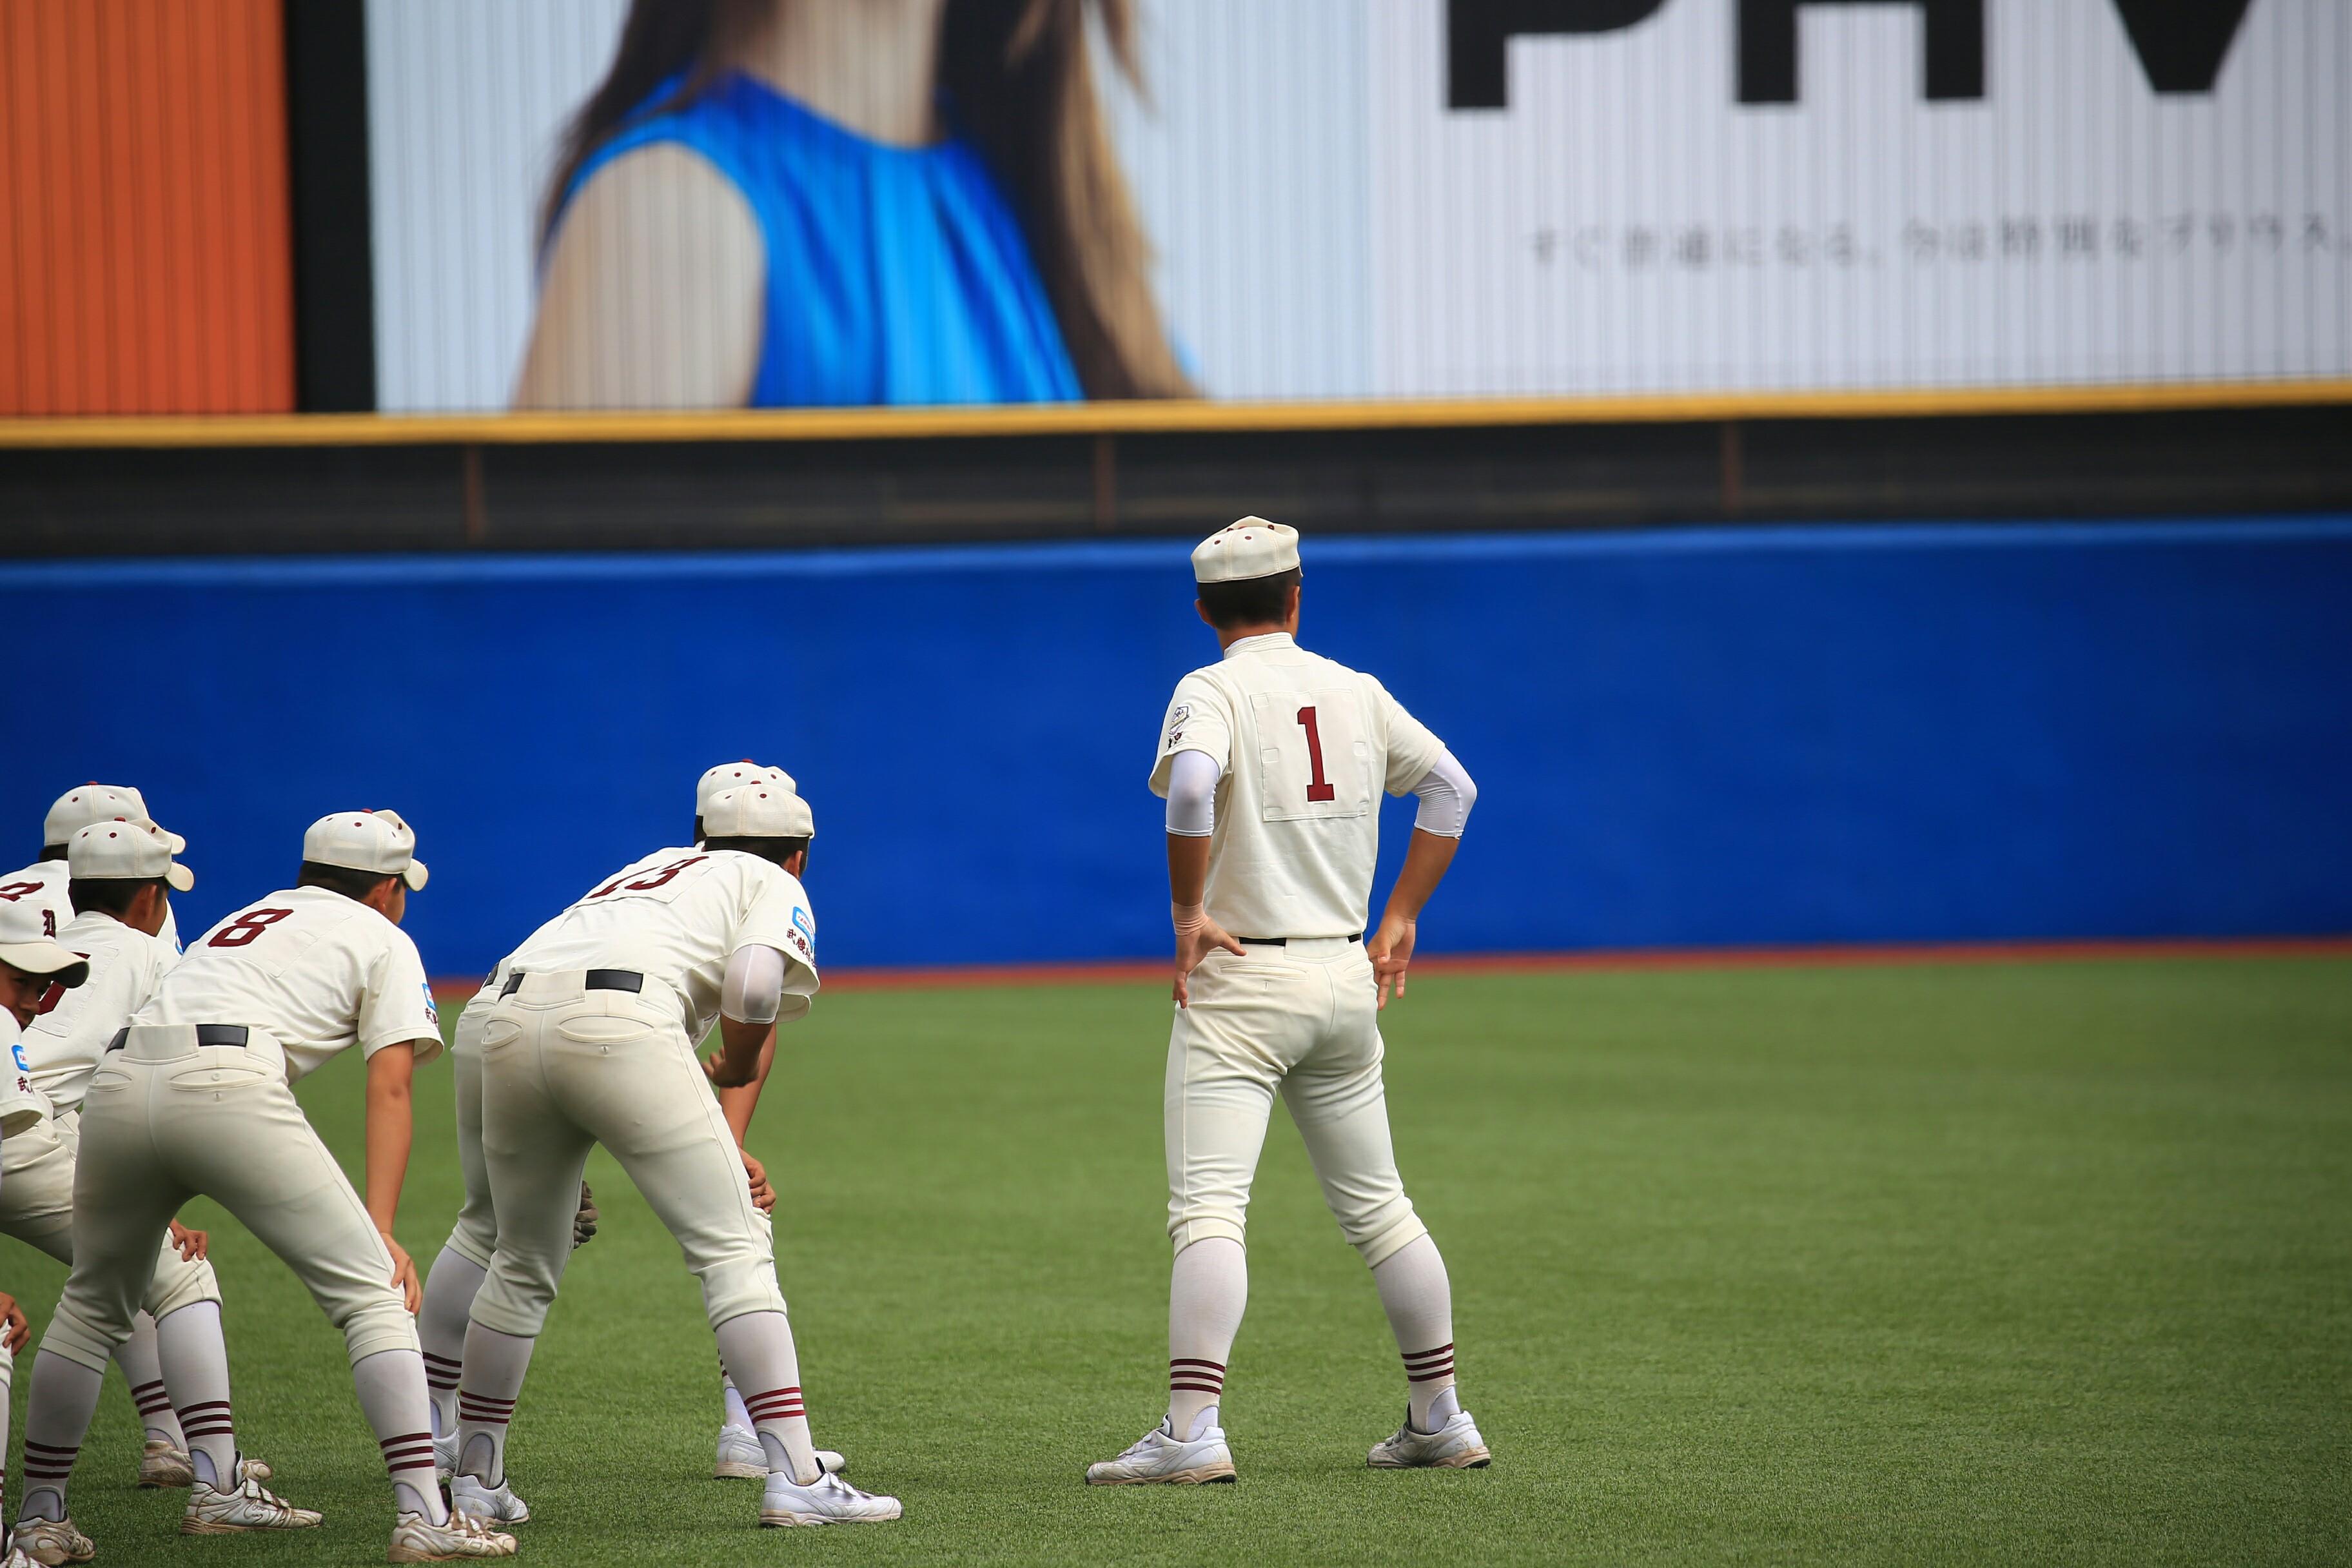 f:id:summer-jingu-stadium:20170807085546j:image